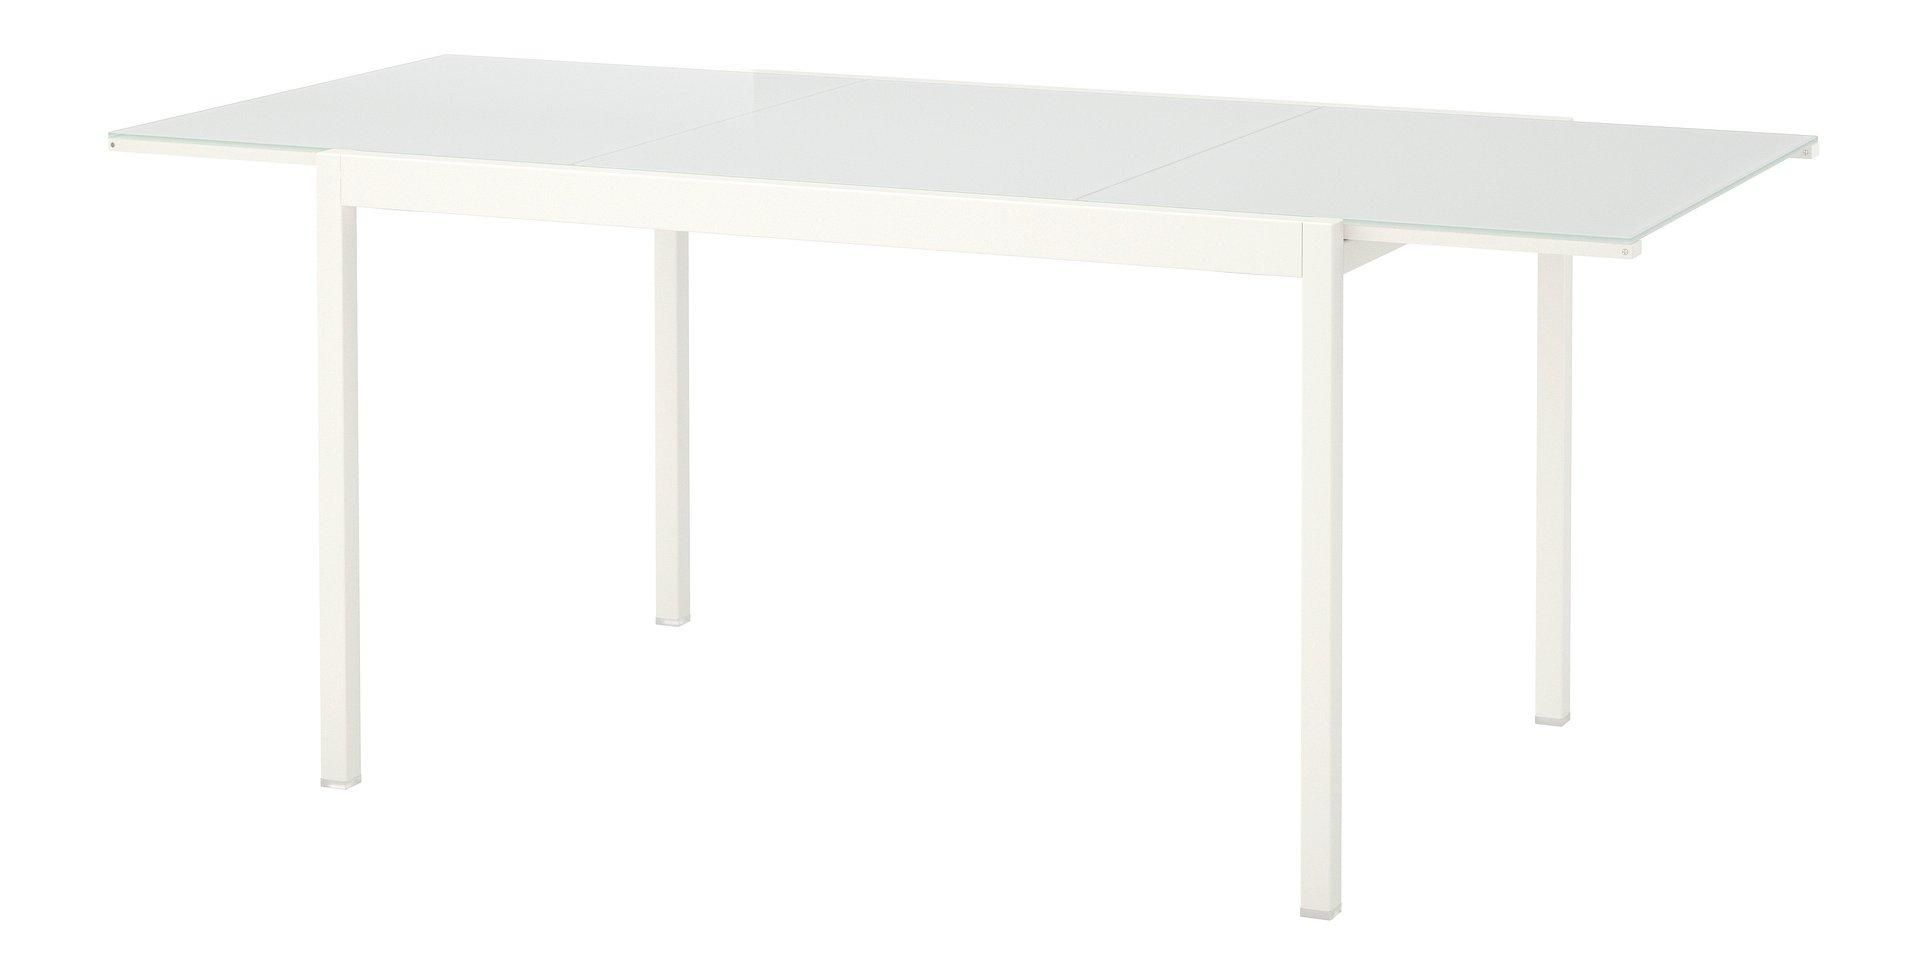 IKEA wycofuje rozkładany stół GLIVARP ze względu na ryzyko wypadnięcia wysuwanego fragmentu blatu